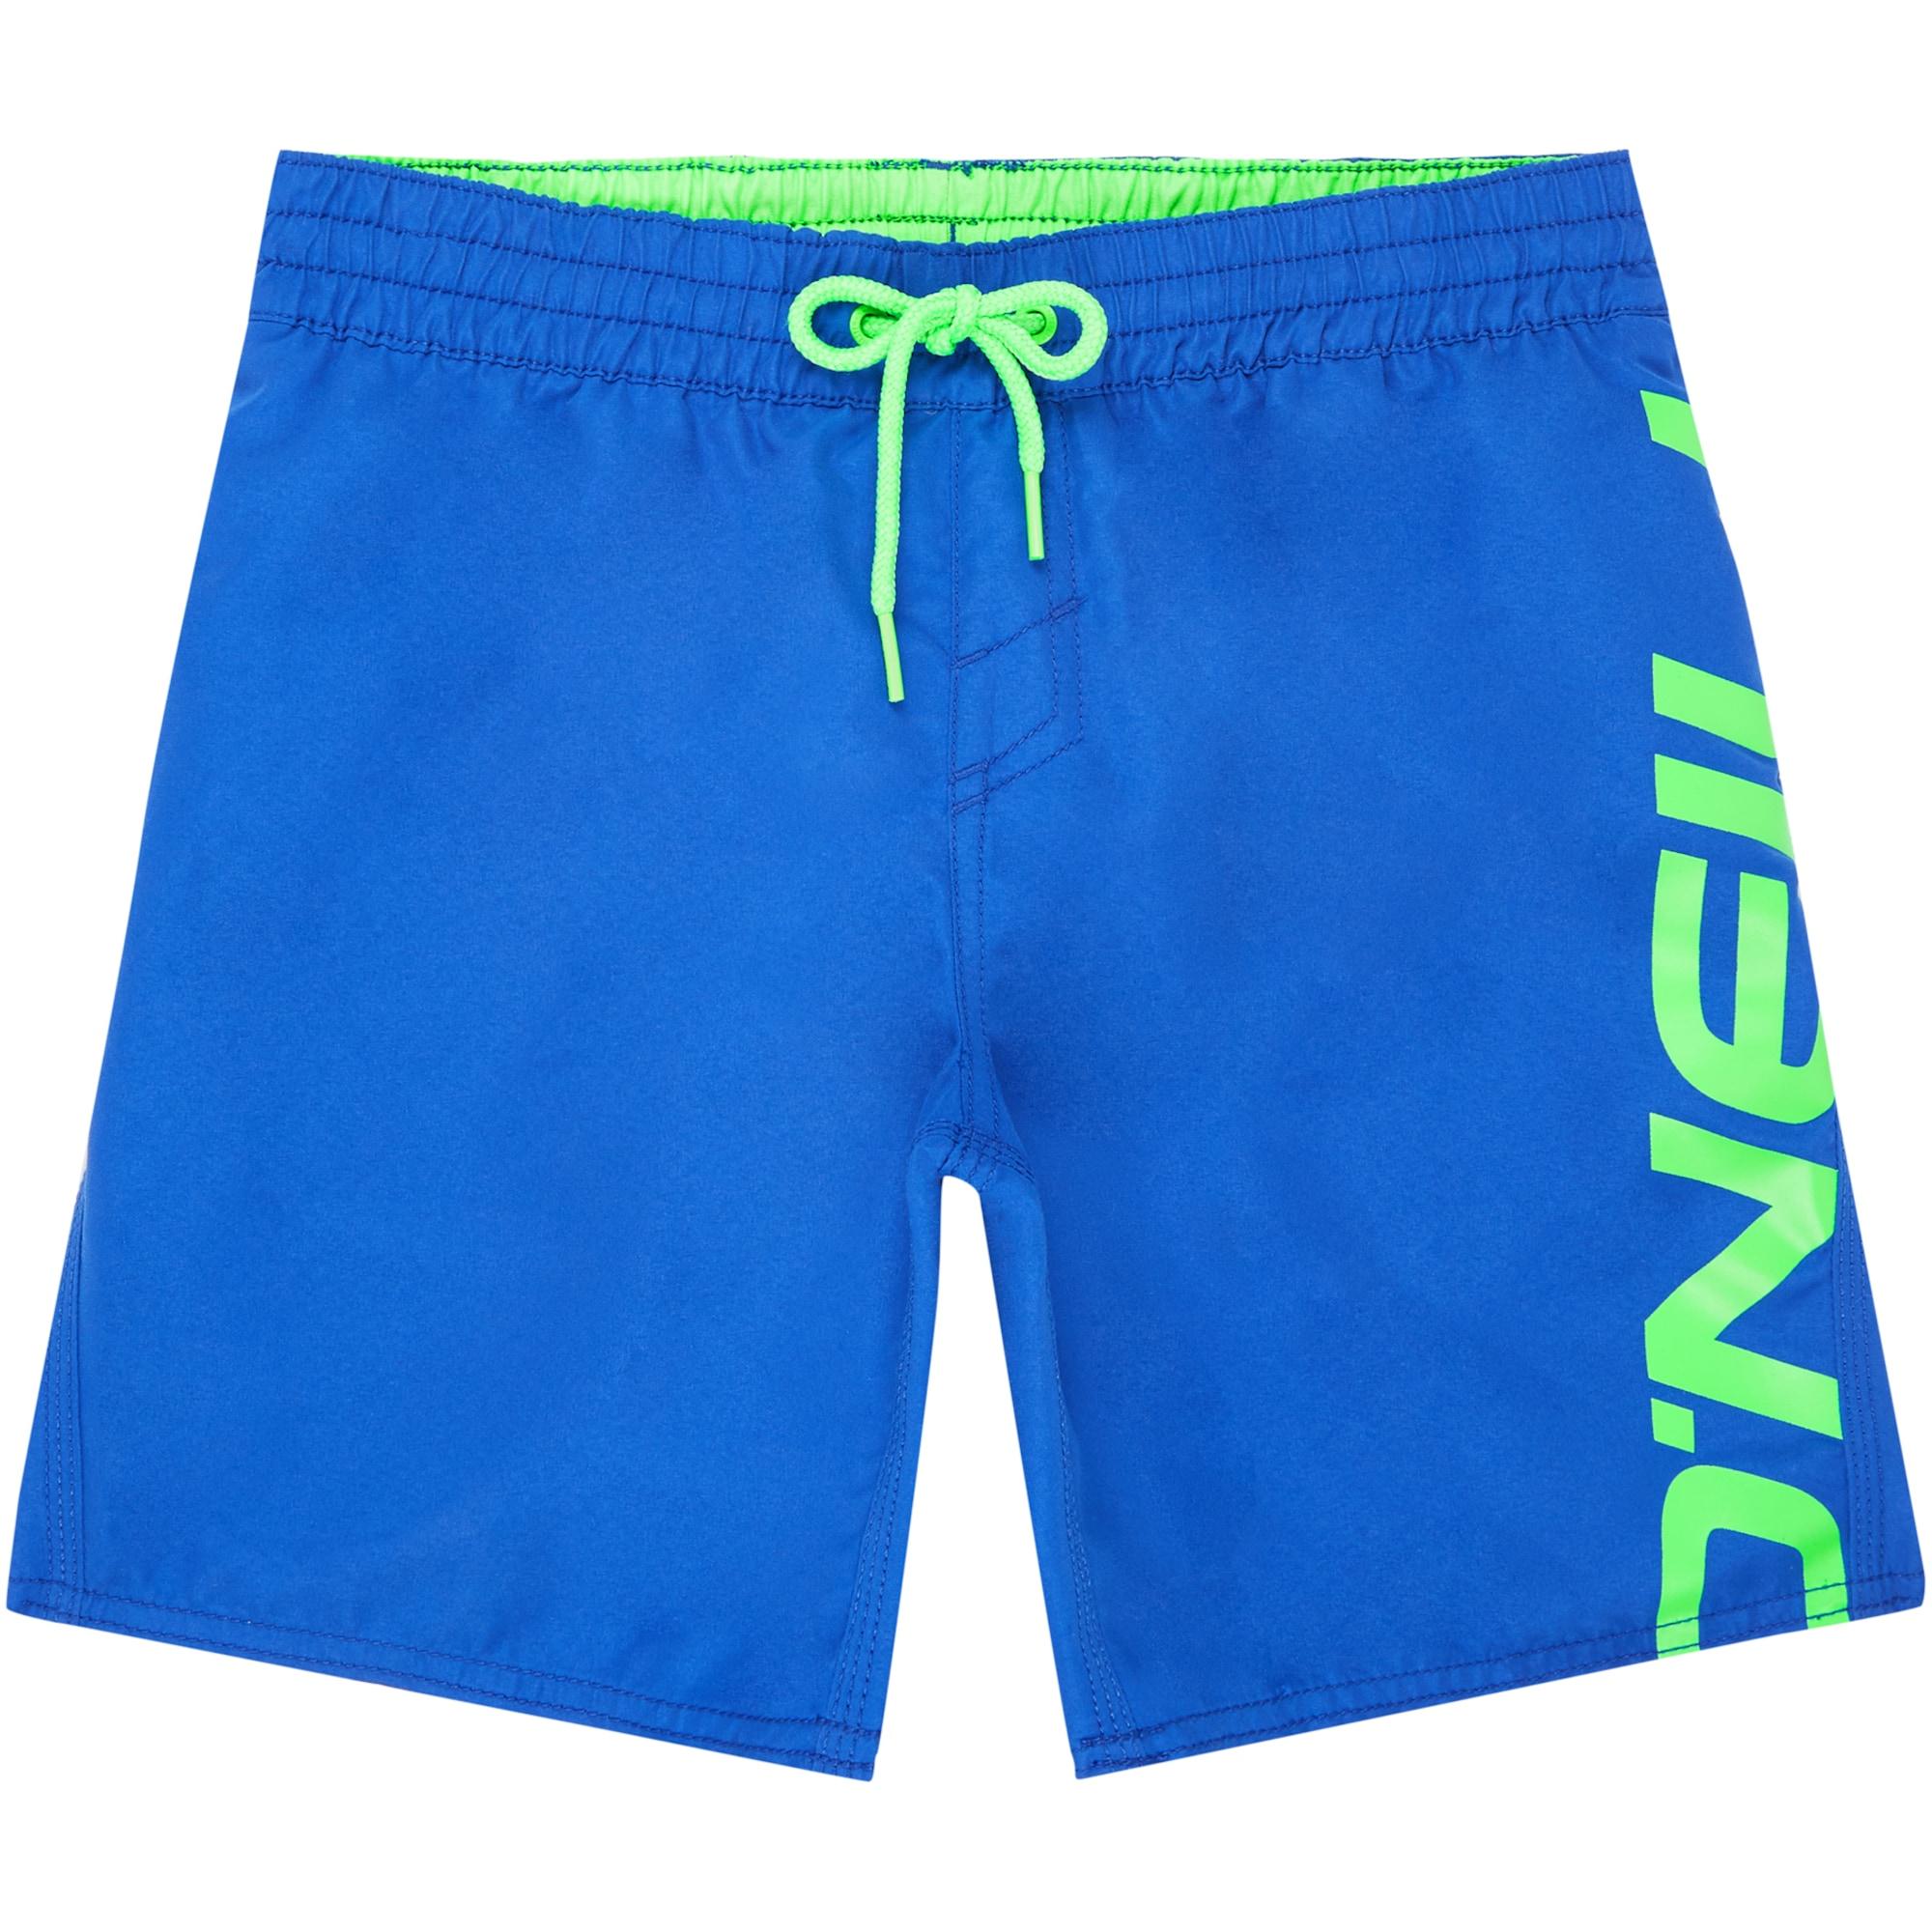 ONEILL Sportovní plavky PB CALI modrá svítivě zelená O'NEILL